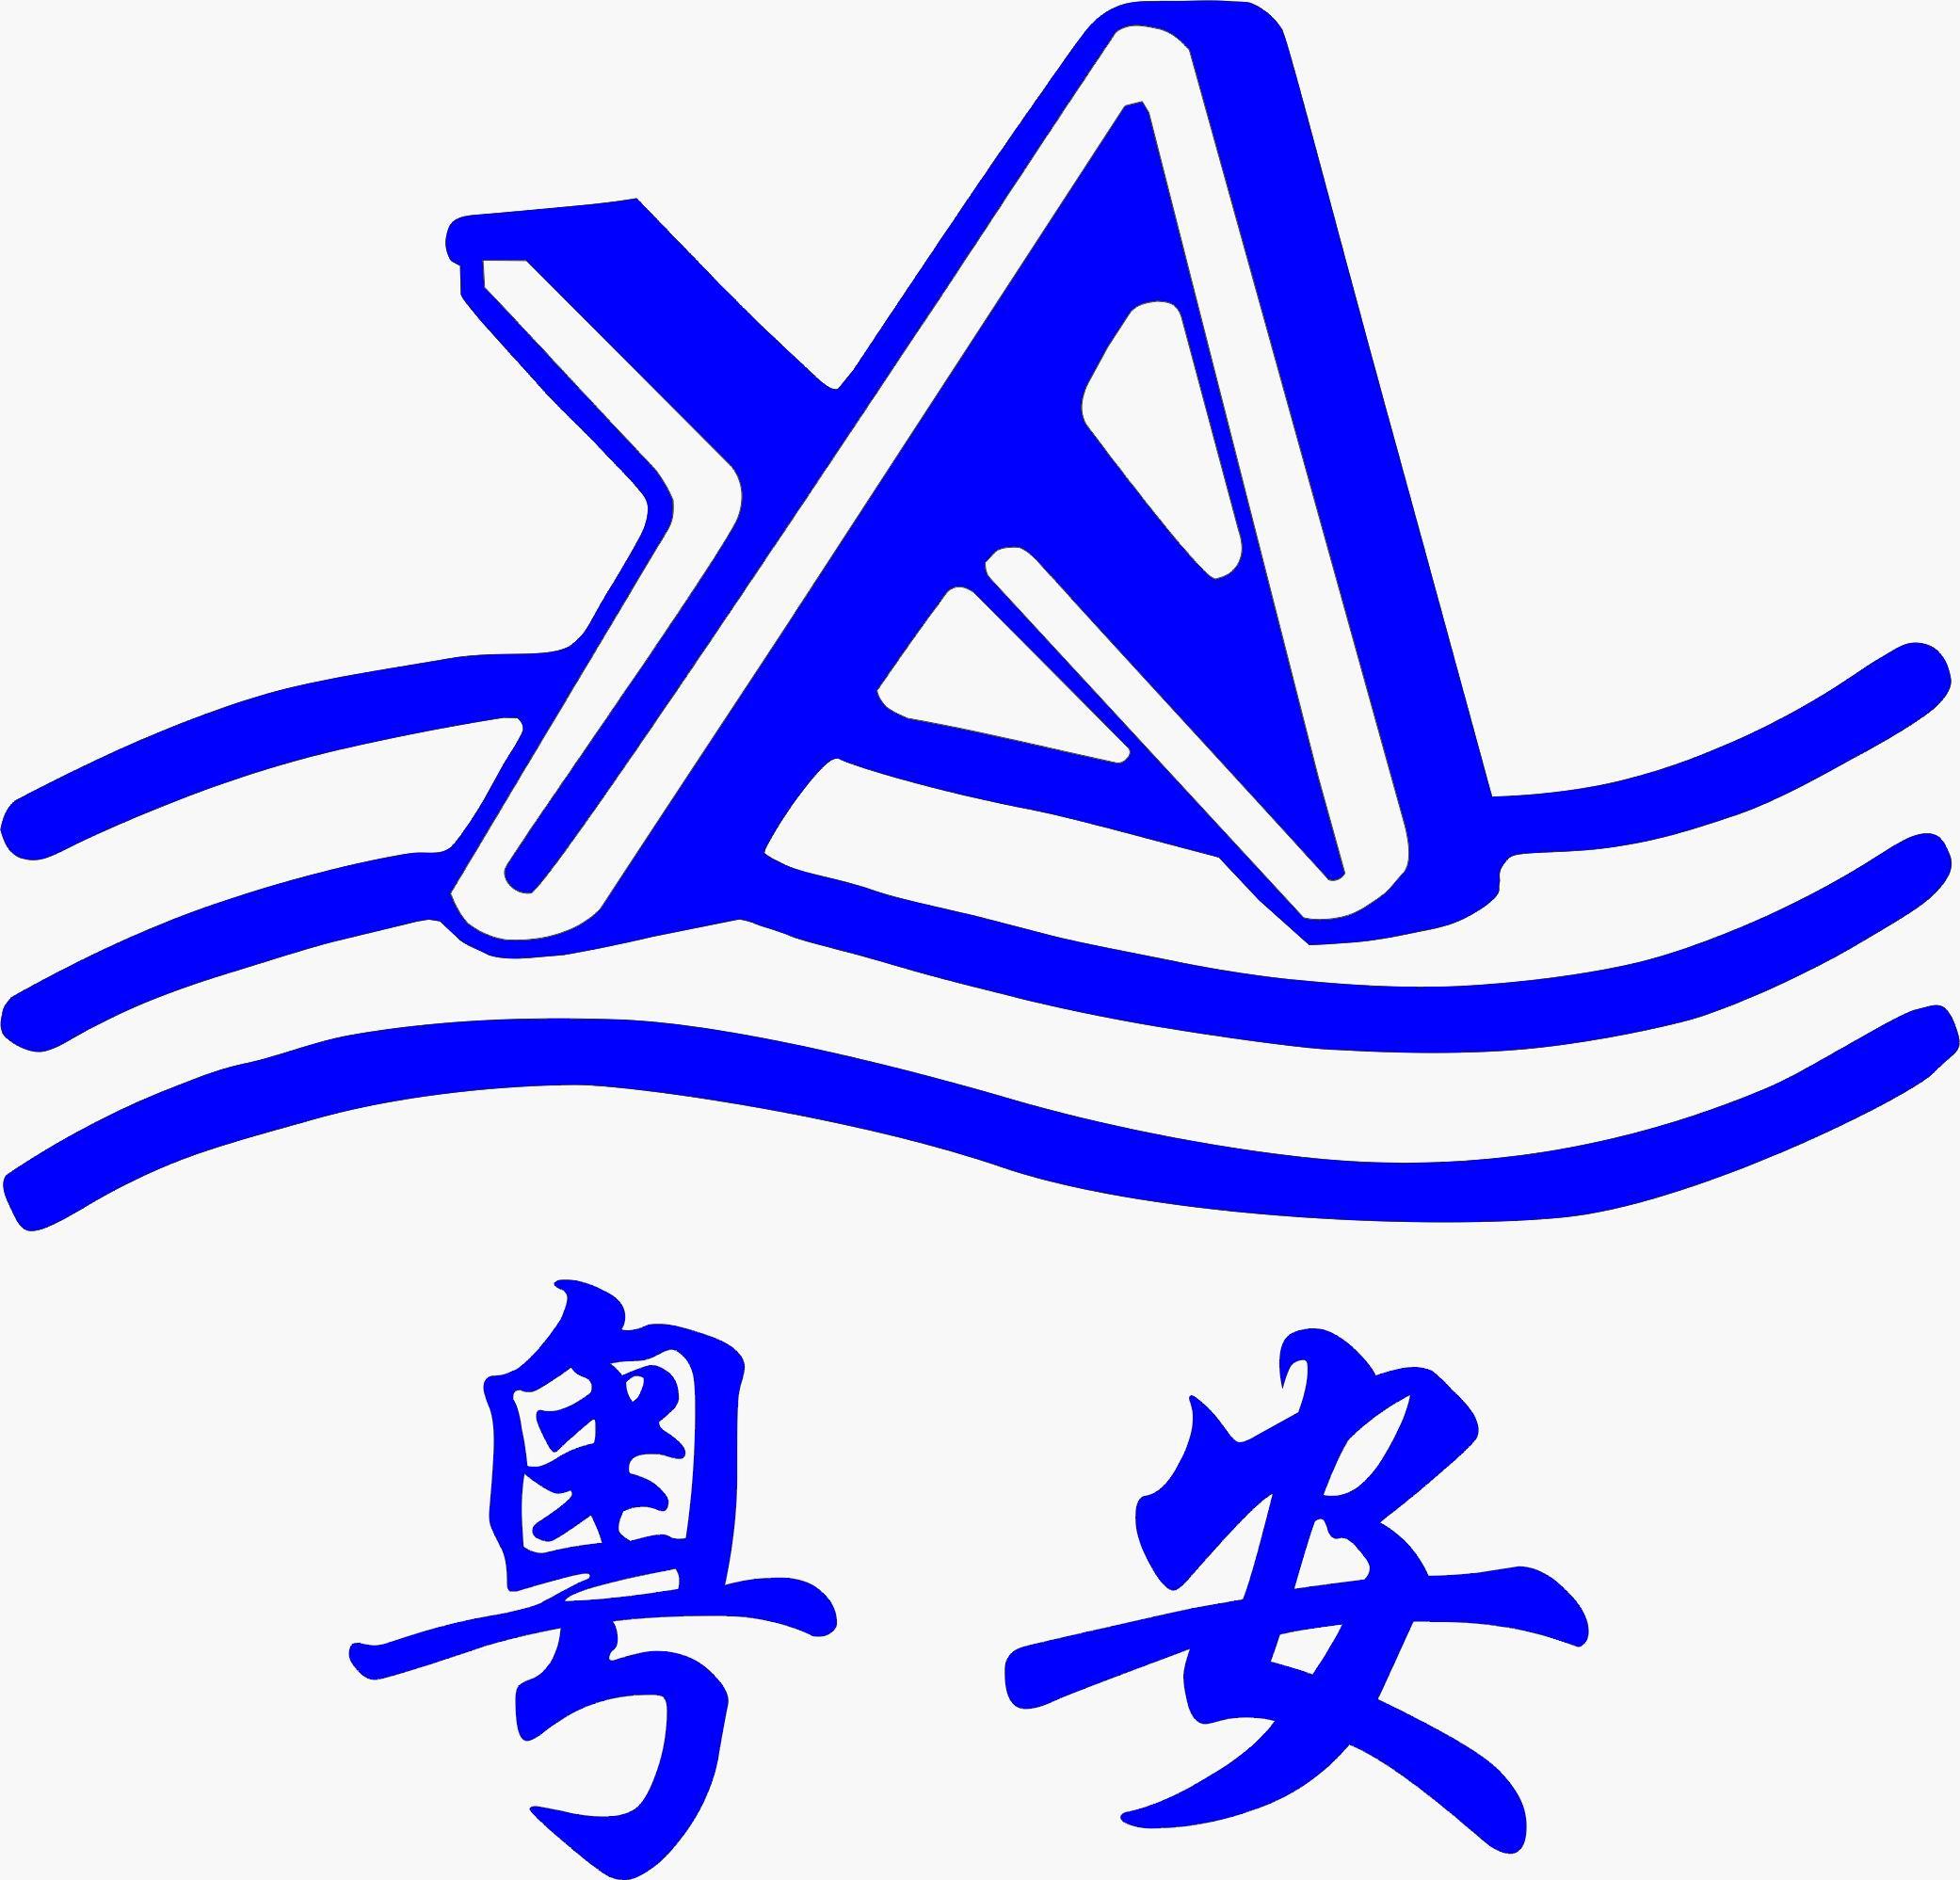 logo logo 标志 设计 矢量 矢量图 素材 图标 2082_1997